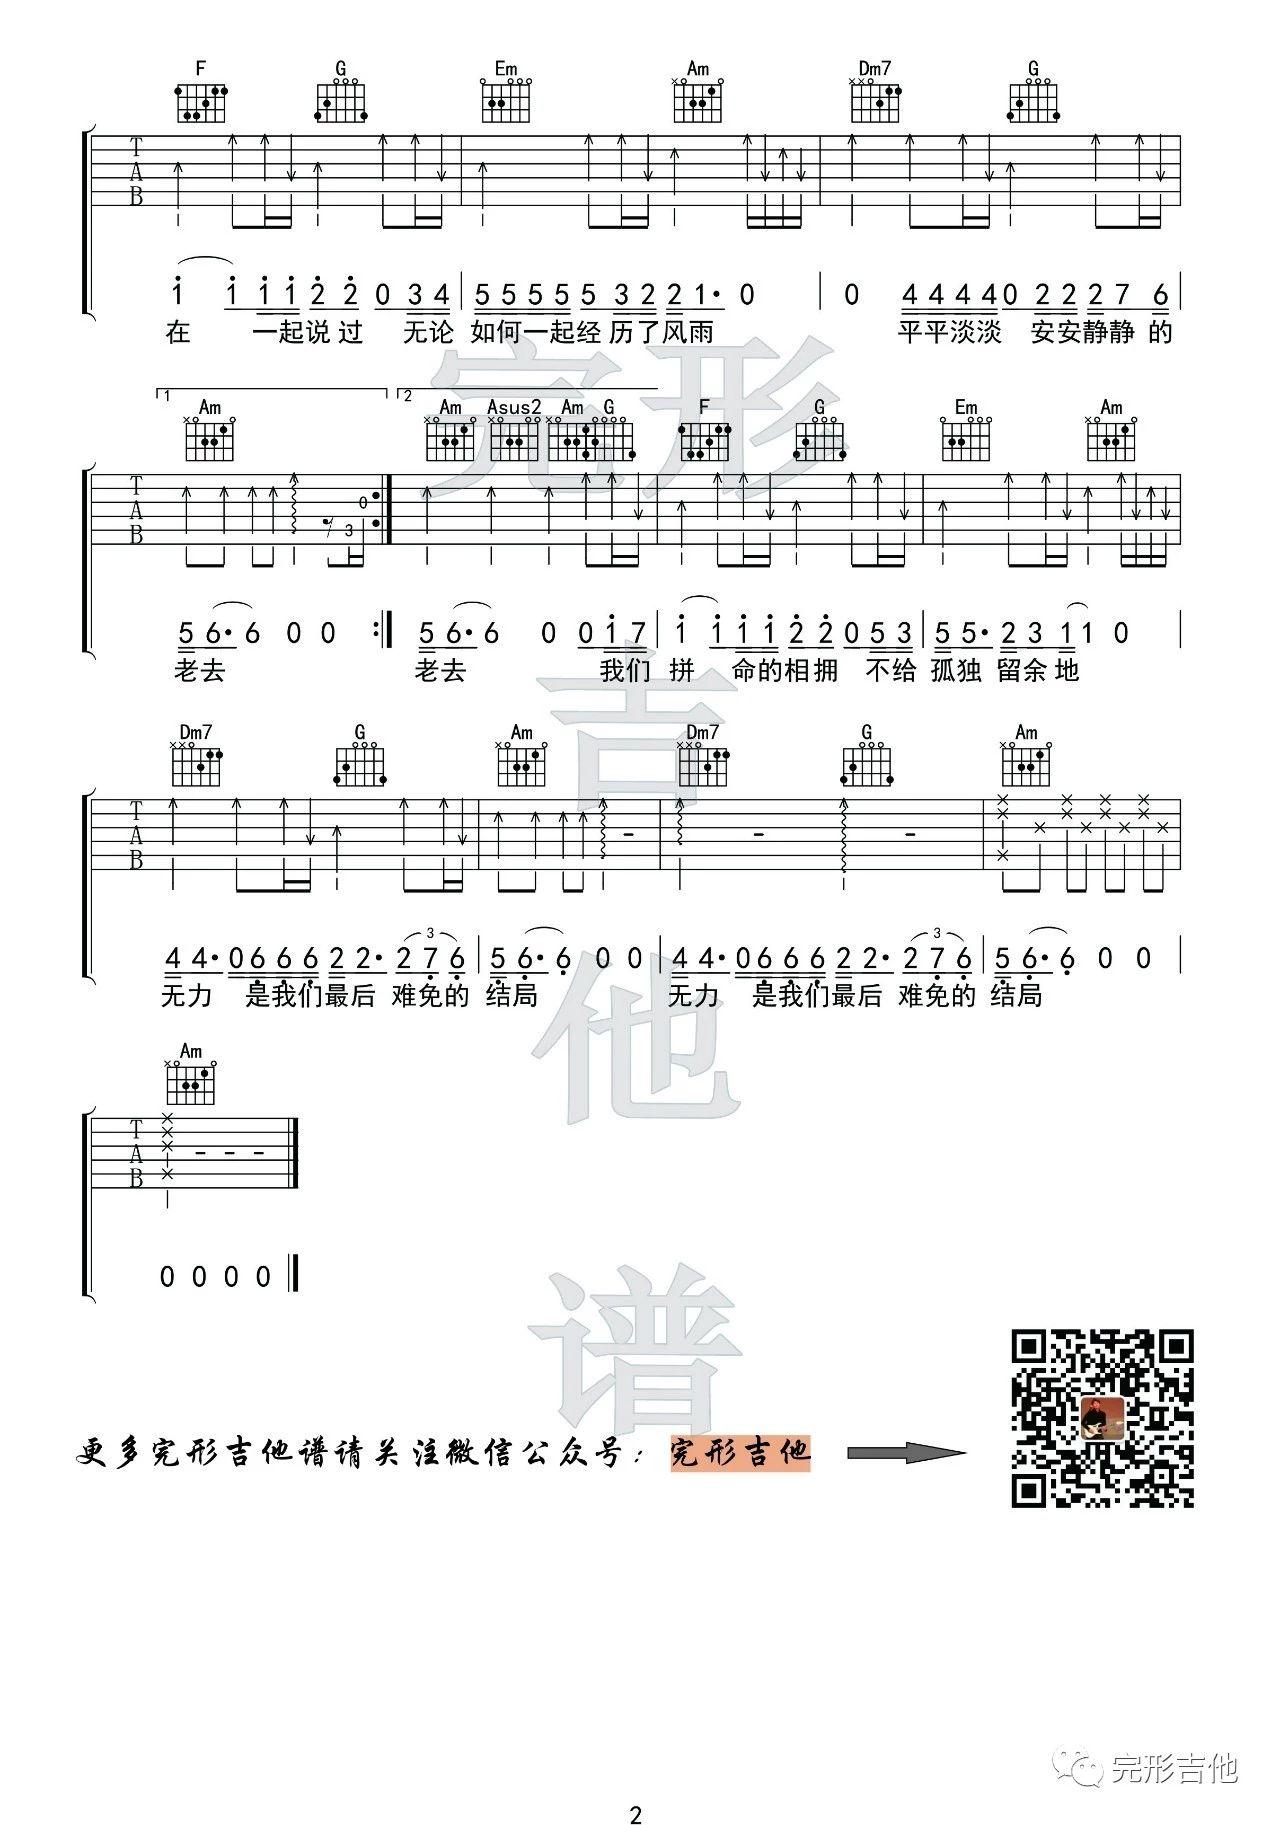 吉他派《多想在平庸的生活拥抱你》吉他谱完形吉他版-2